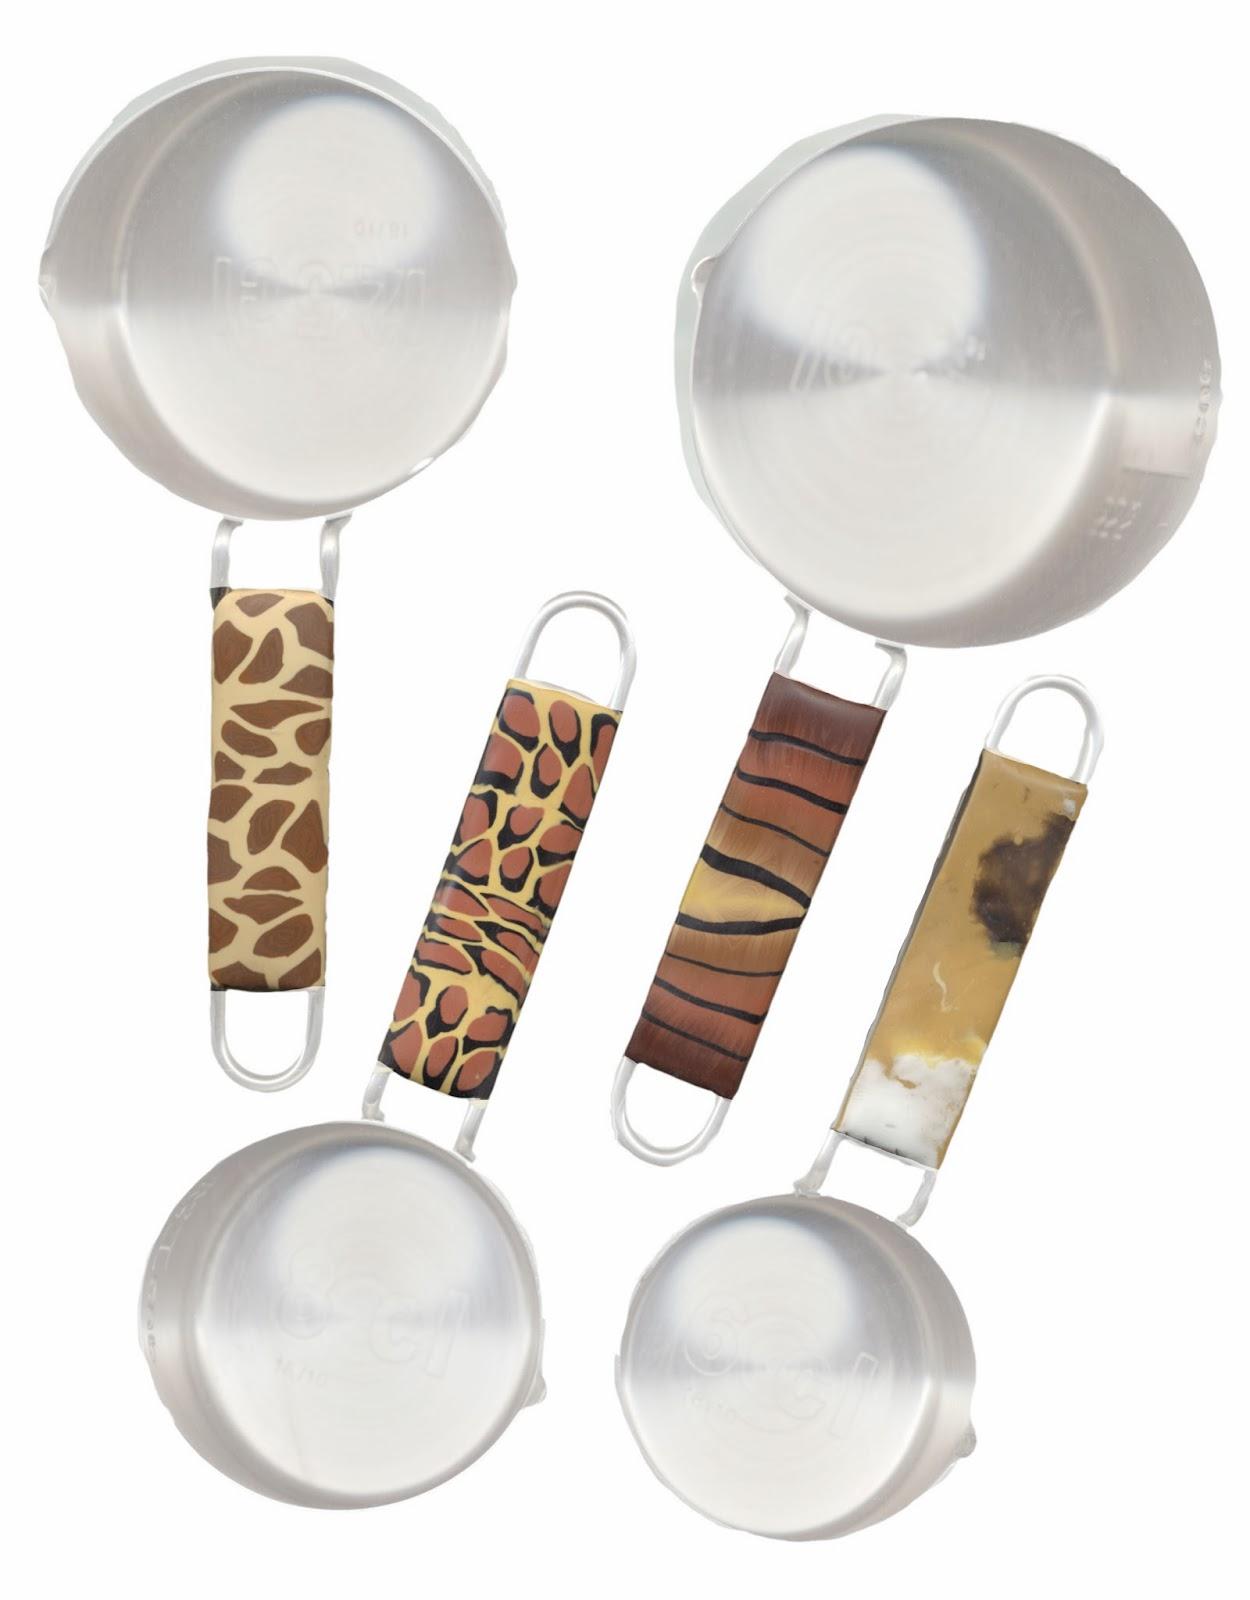 Animal Skin Measuring Cups